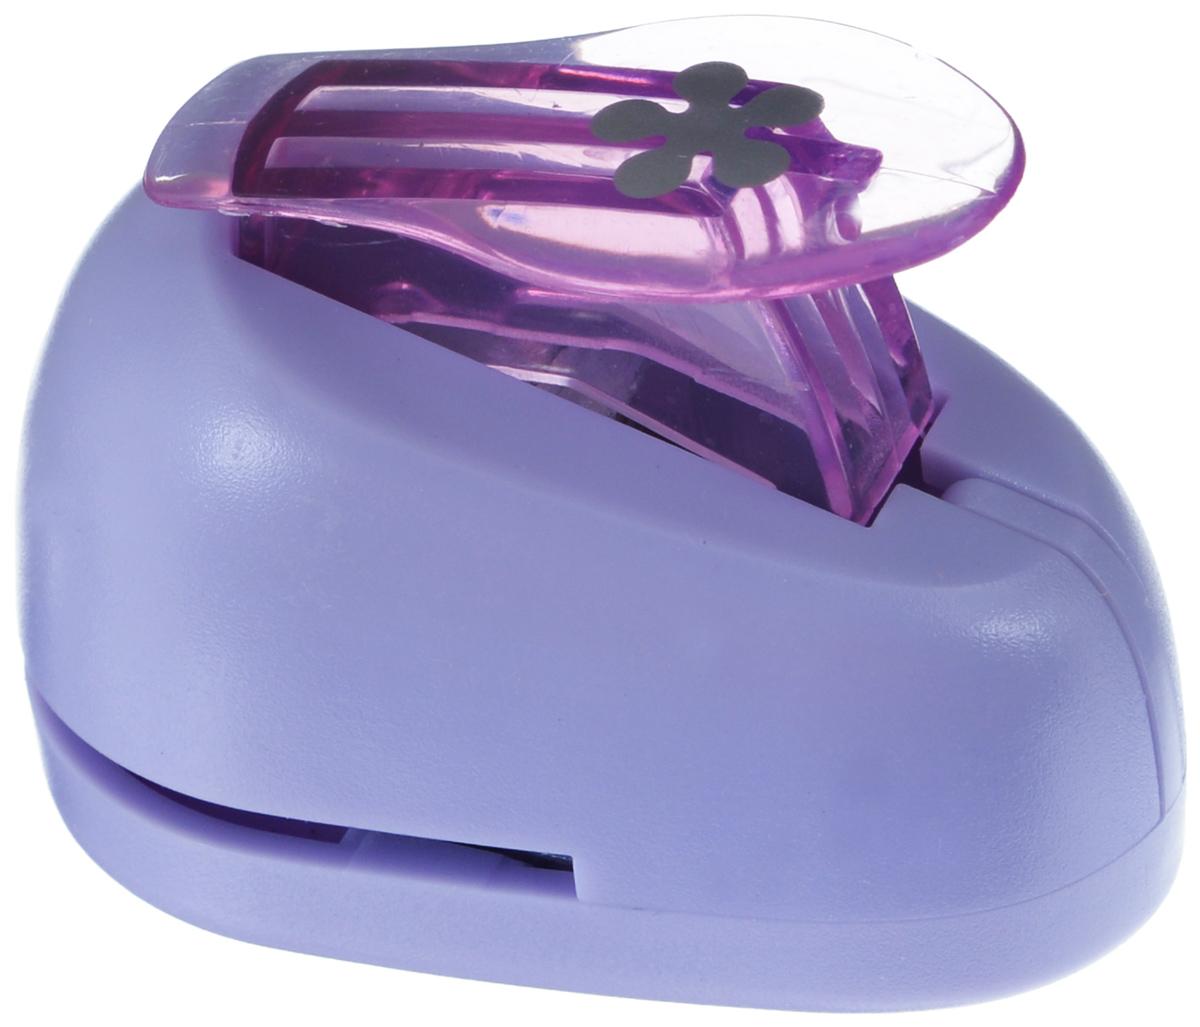 Дырокол фигурный Hobbyboom Цветок, цвет: сиреневый, №199, 1 смCD-99XS-199 сиреневыйФигурный дырокол Hobbyboom Цветок, изготовленный из прочного металла и пластика, поможет вам легко, просто и аккуратно вырезать много одинаковых мелких фигурок. Режущие части дырокола закрыты пластиковым корпусом, что обеспечивает безопасность для детей. Предназначен для бумаги плотностью - 80 - 200 г/м2. Рисунок прорези указан на ручке дырокола. Размер дырокола: 5 см х 4 см х 3 см. Диаметр готовой фигурки: 1 см.